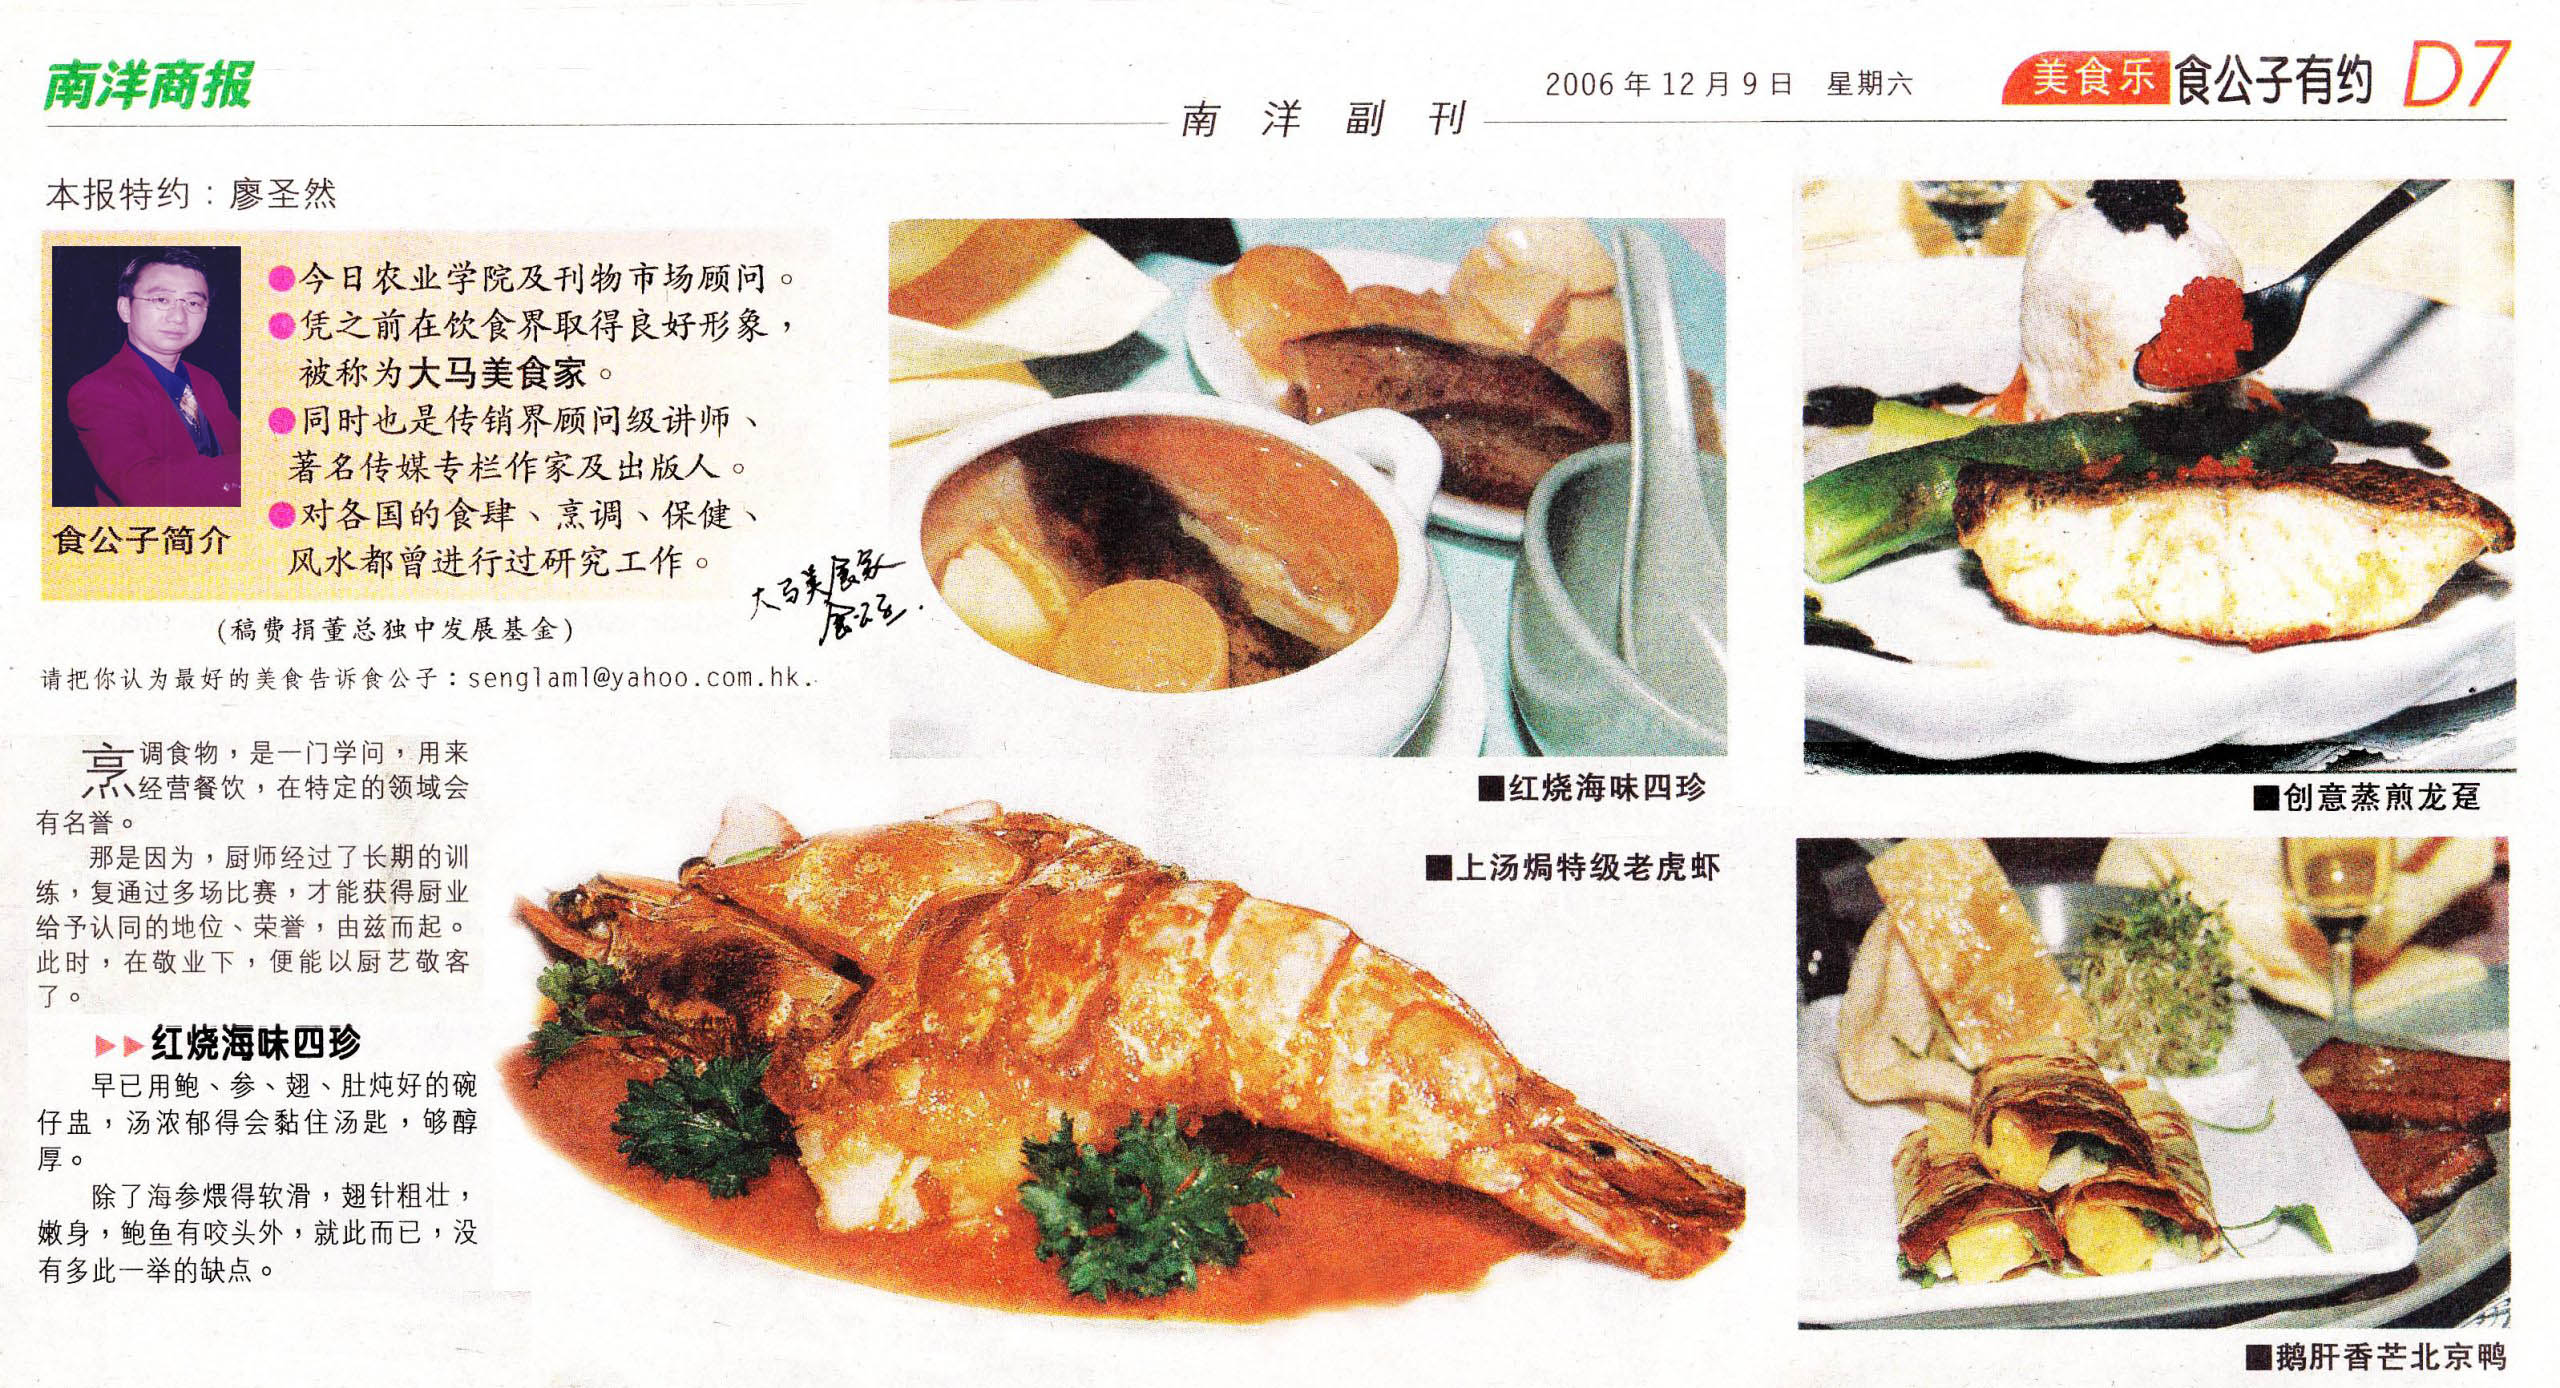 《南洋商报》-大马美食家